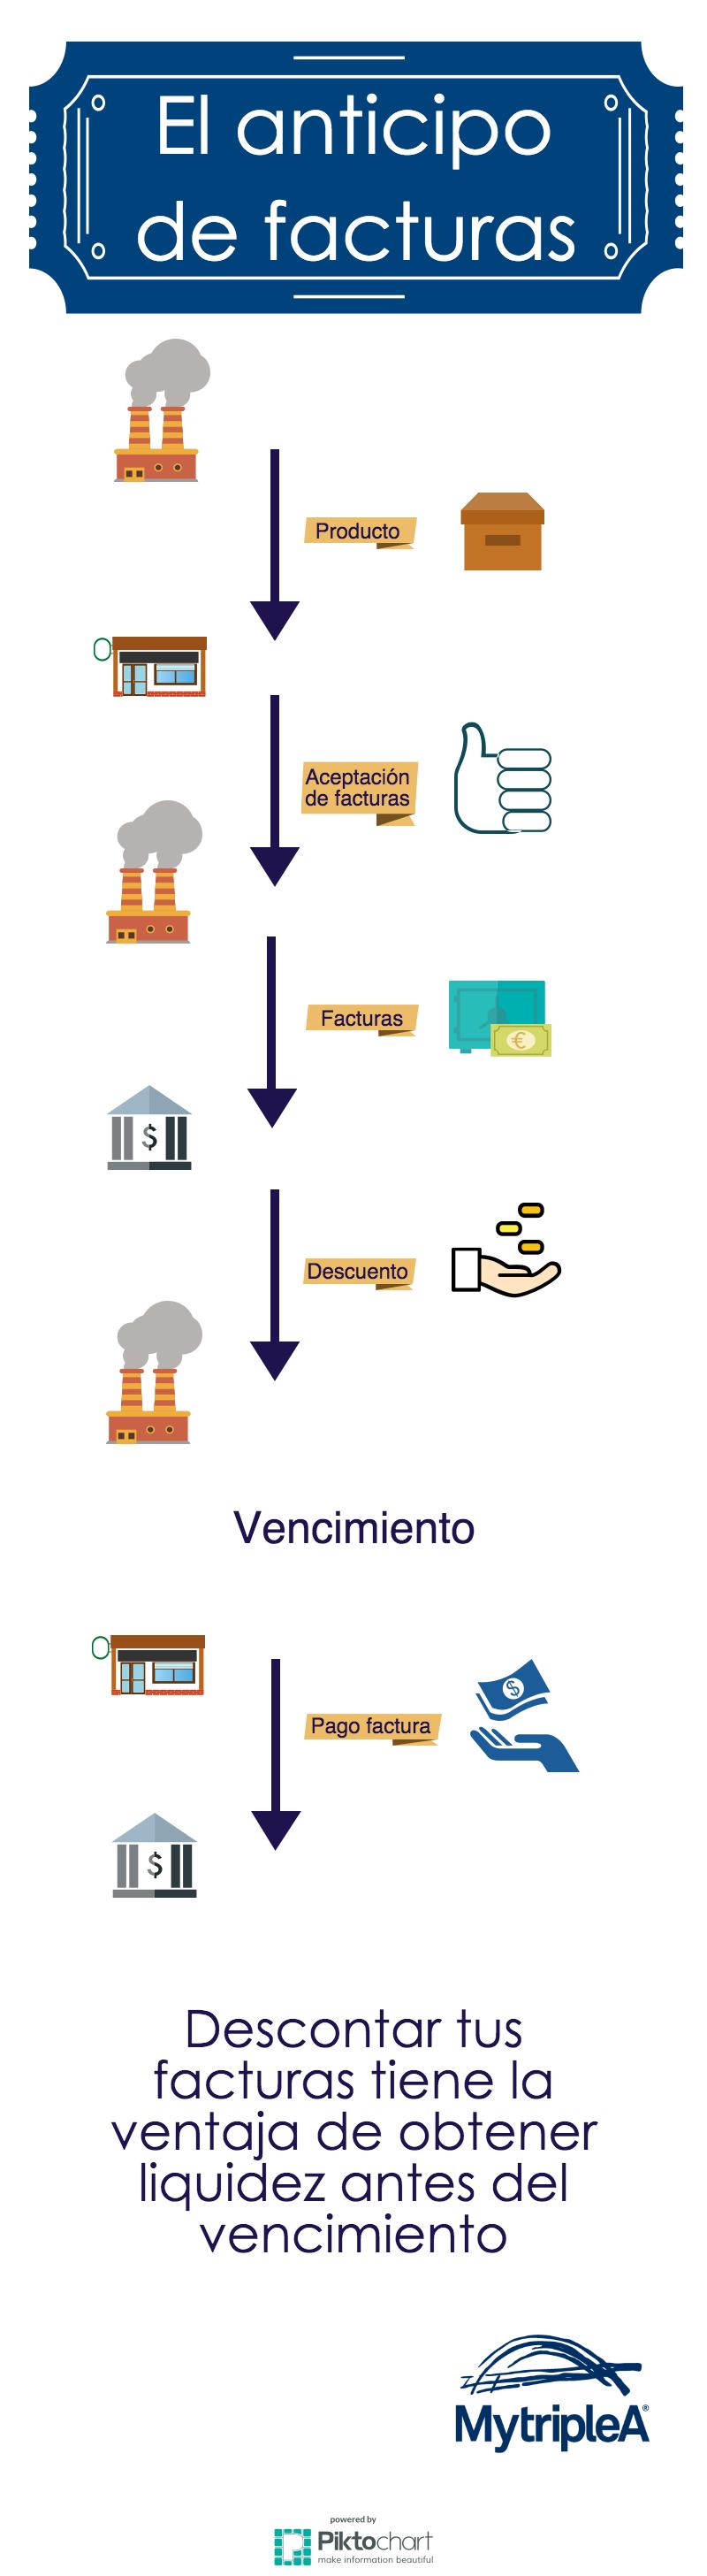 infografia anticipo factura